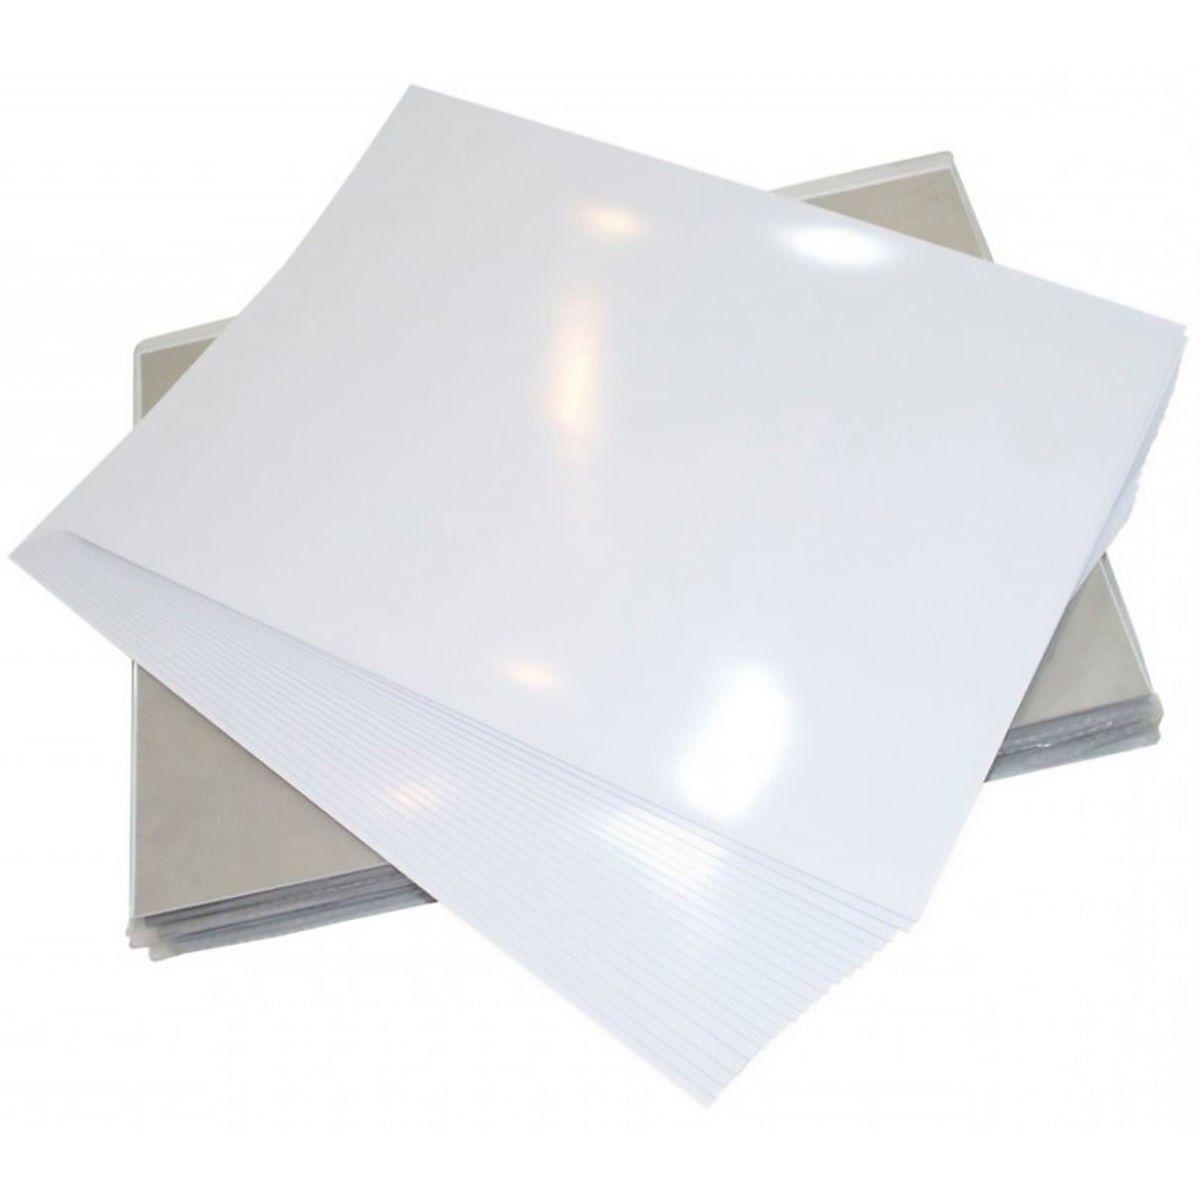 Papel Fotográfico A4 150g Glossy Branco Brilhante Resistente à Água / 200 folhas